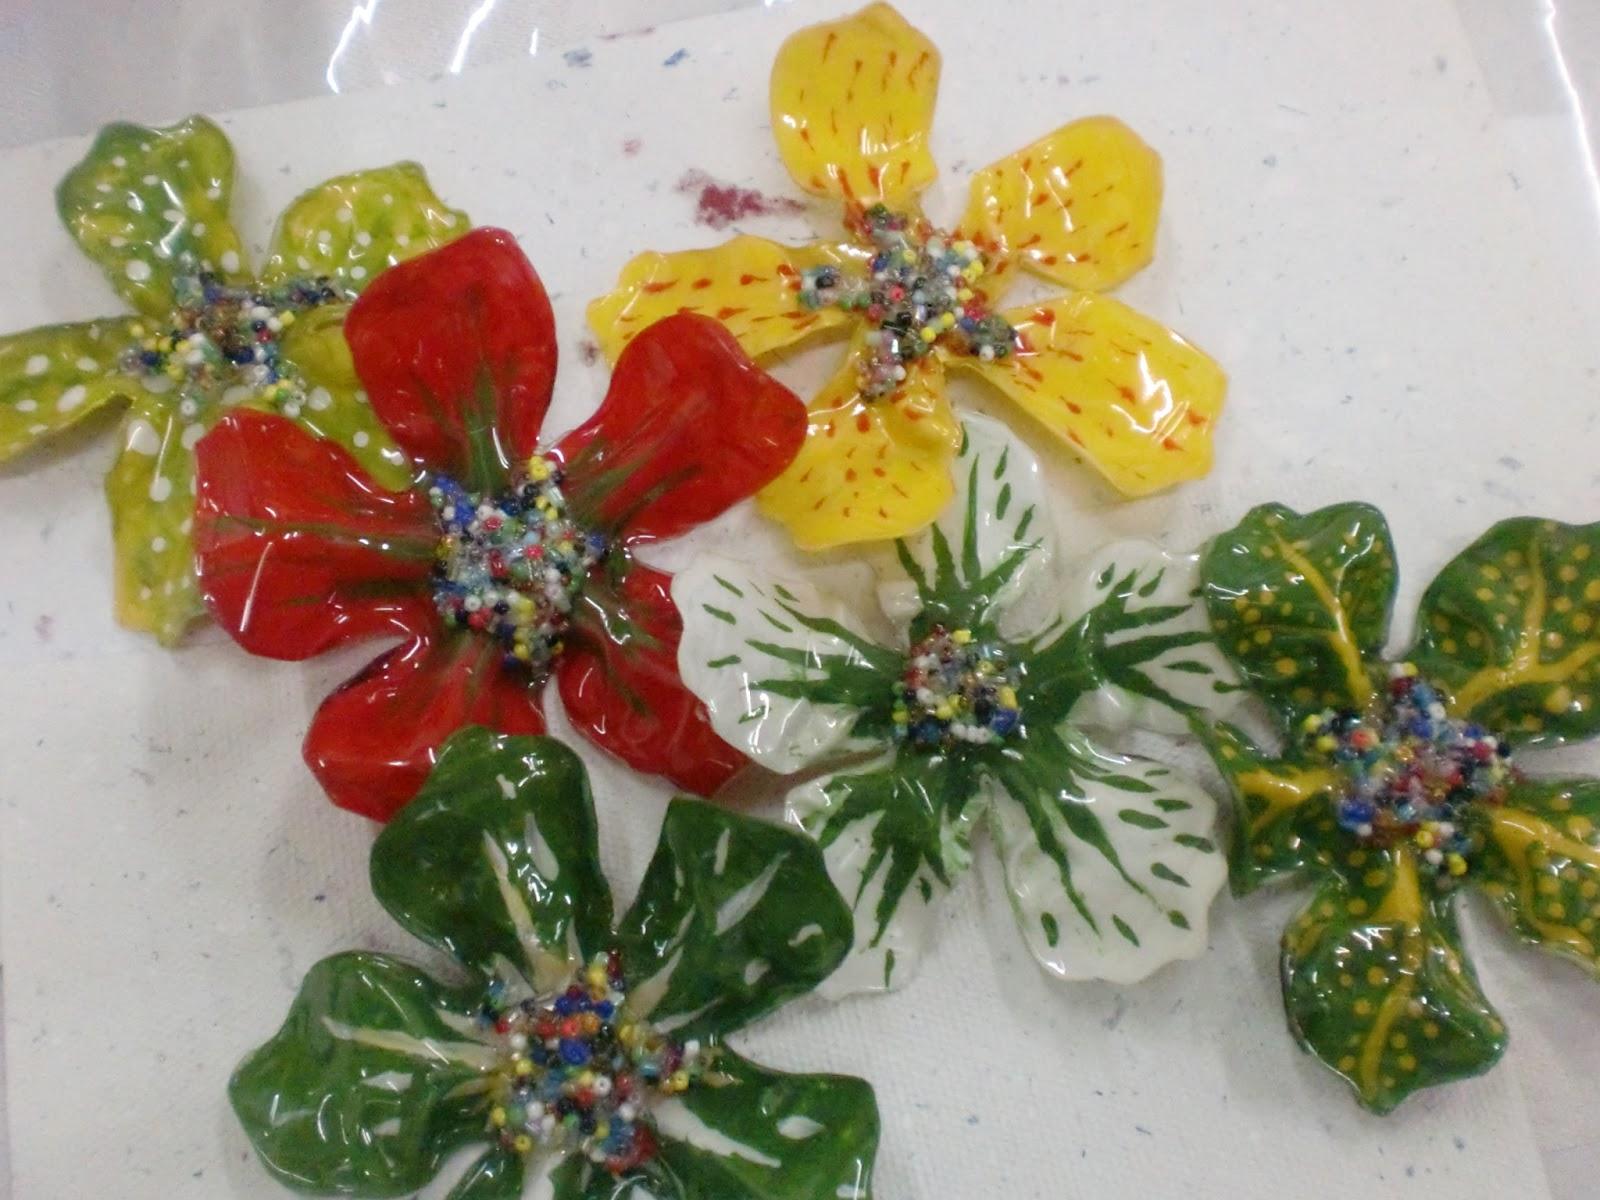 Flores realizadas con material reciclado, para adornar el lugar que